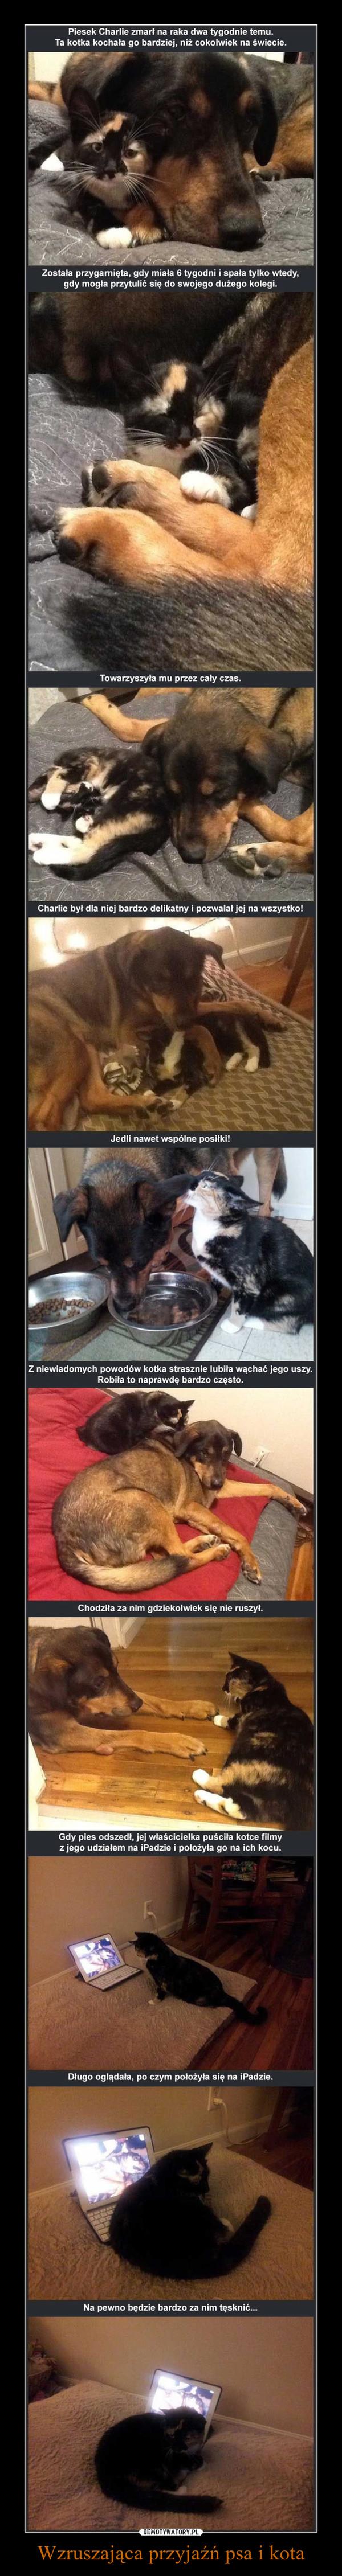 Wzruszająca przyjaźń psa i kota –